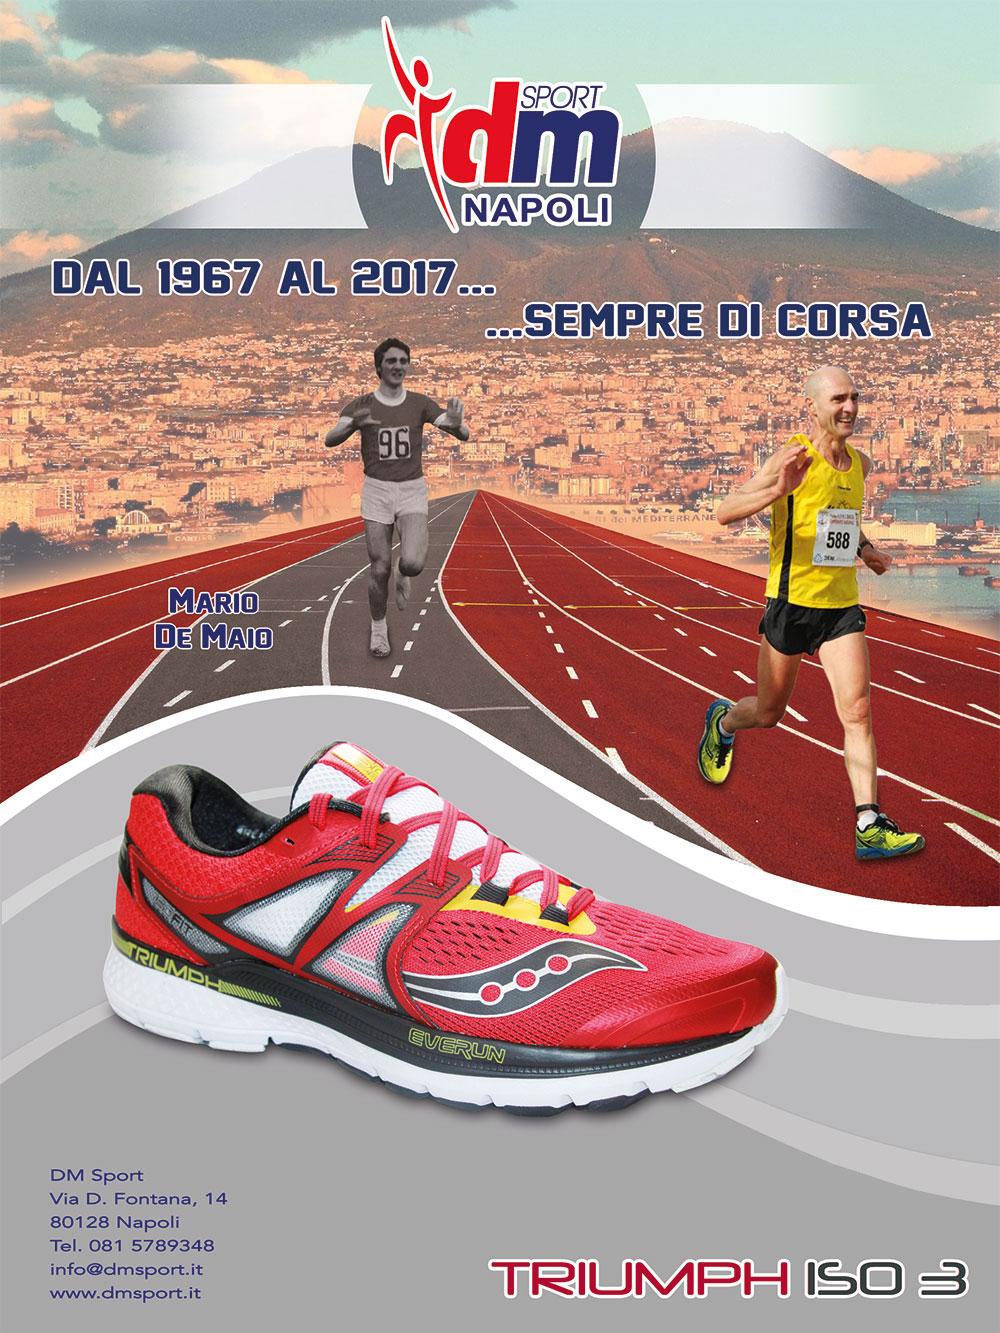 Scarpe Sportive Napoli Vomero 081 5789348  - DM Sport  napoli scarpe calcio sportive sport